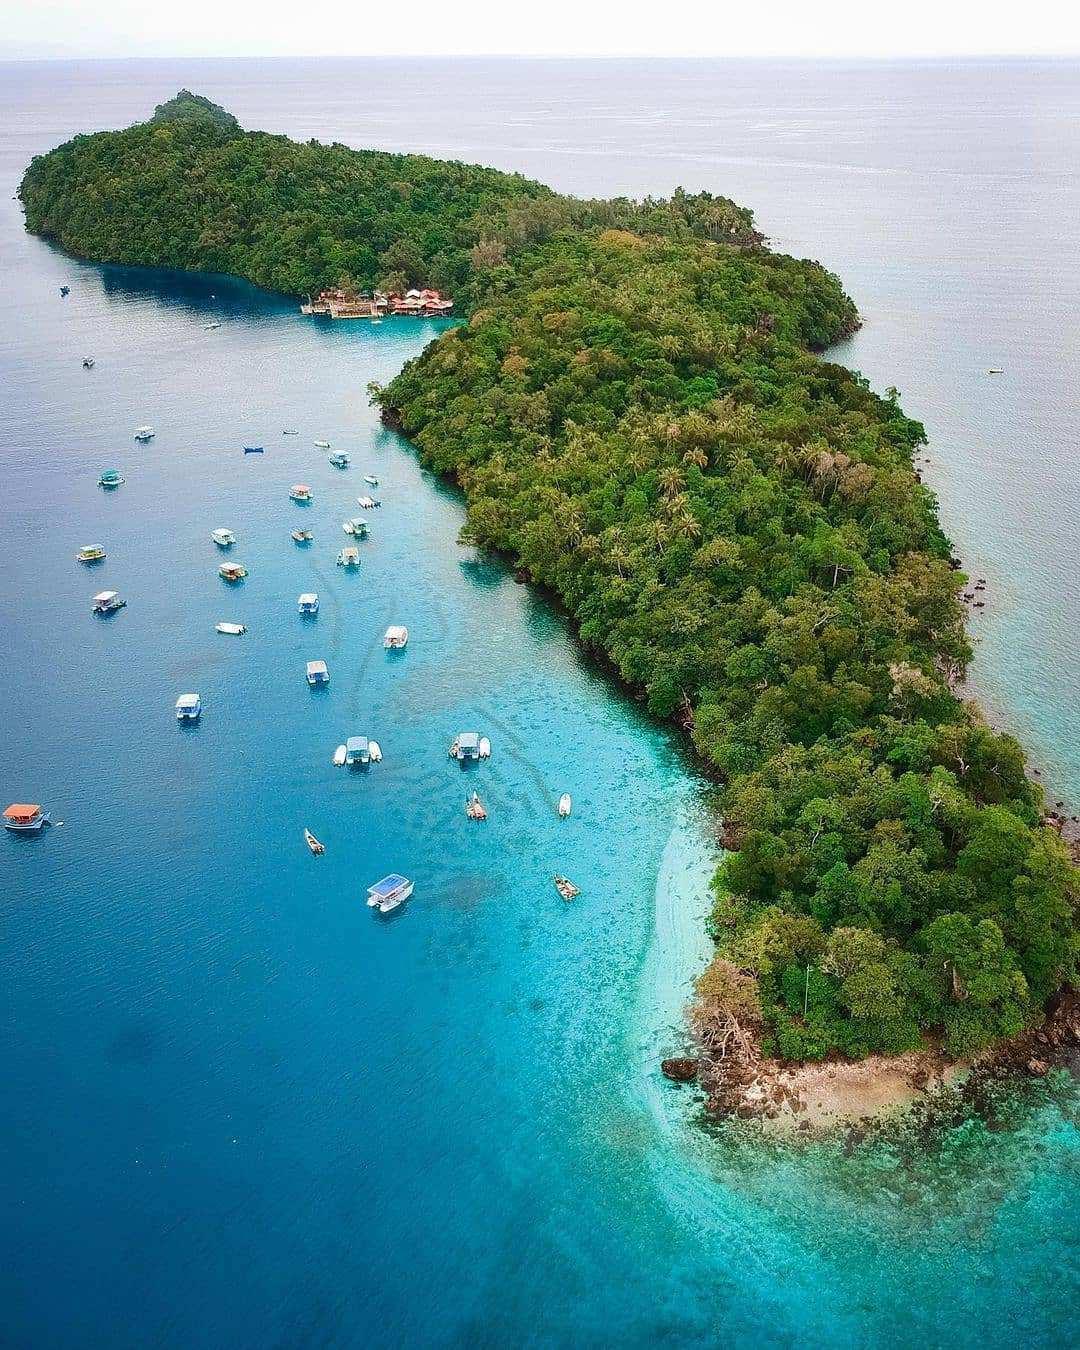 Pulau Rubiah dilihat Dari Atas, Image From @bagindamaulana_